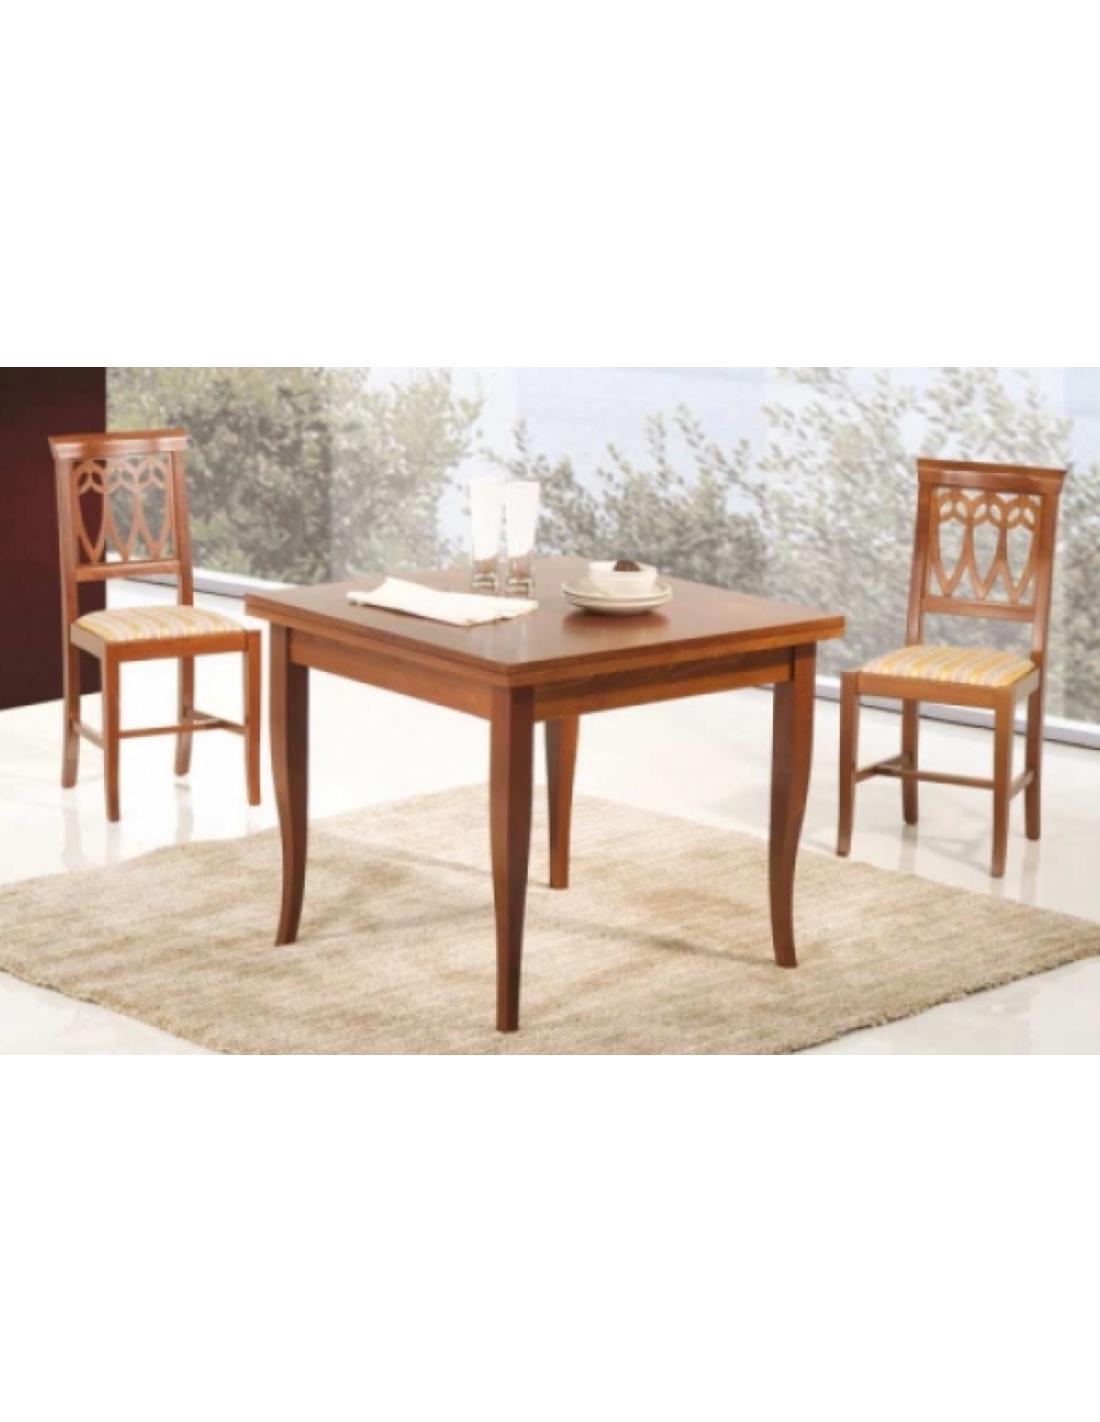 Tavolo legno allungabile art. 1141 90x90 cm